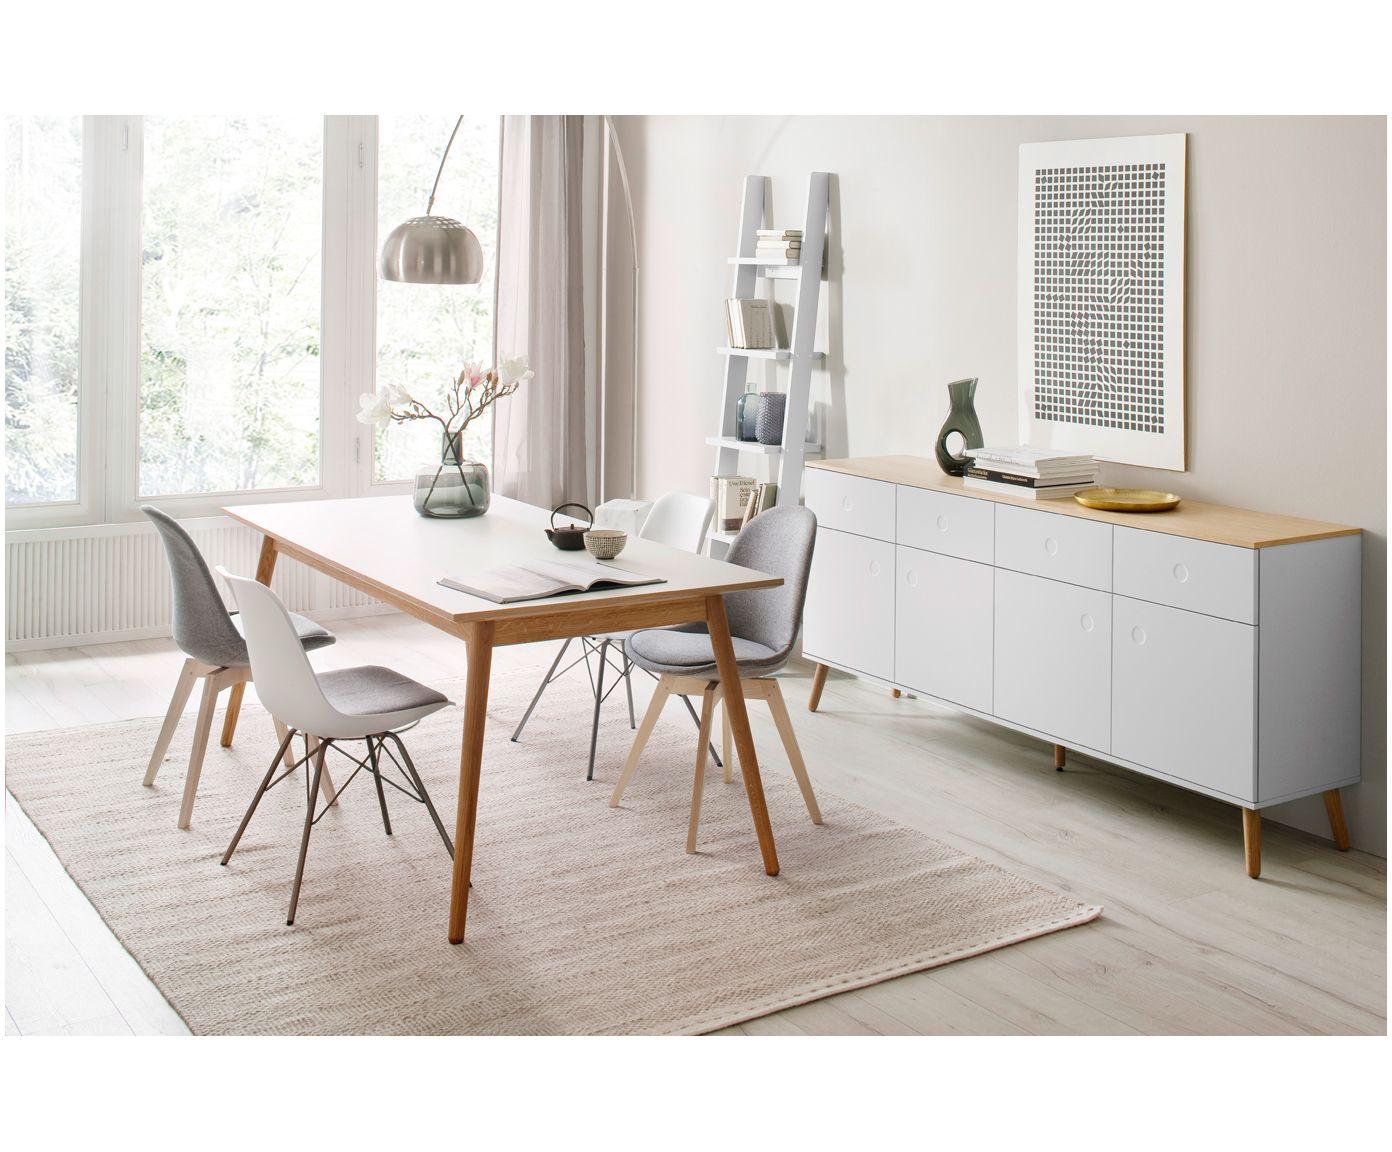 Machen Sie Ihr Wohnzimmer Mit Sideboard Dot In Weiss Eiche Zur Wohlfuhloase Entdecken Sie Weitere Mobel Von Tenzo Auf Umbau Kleiner Kuche Haus Deko Esstisch